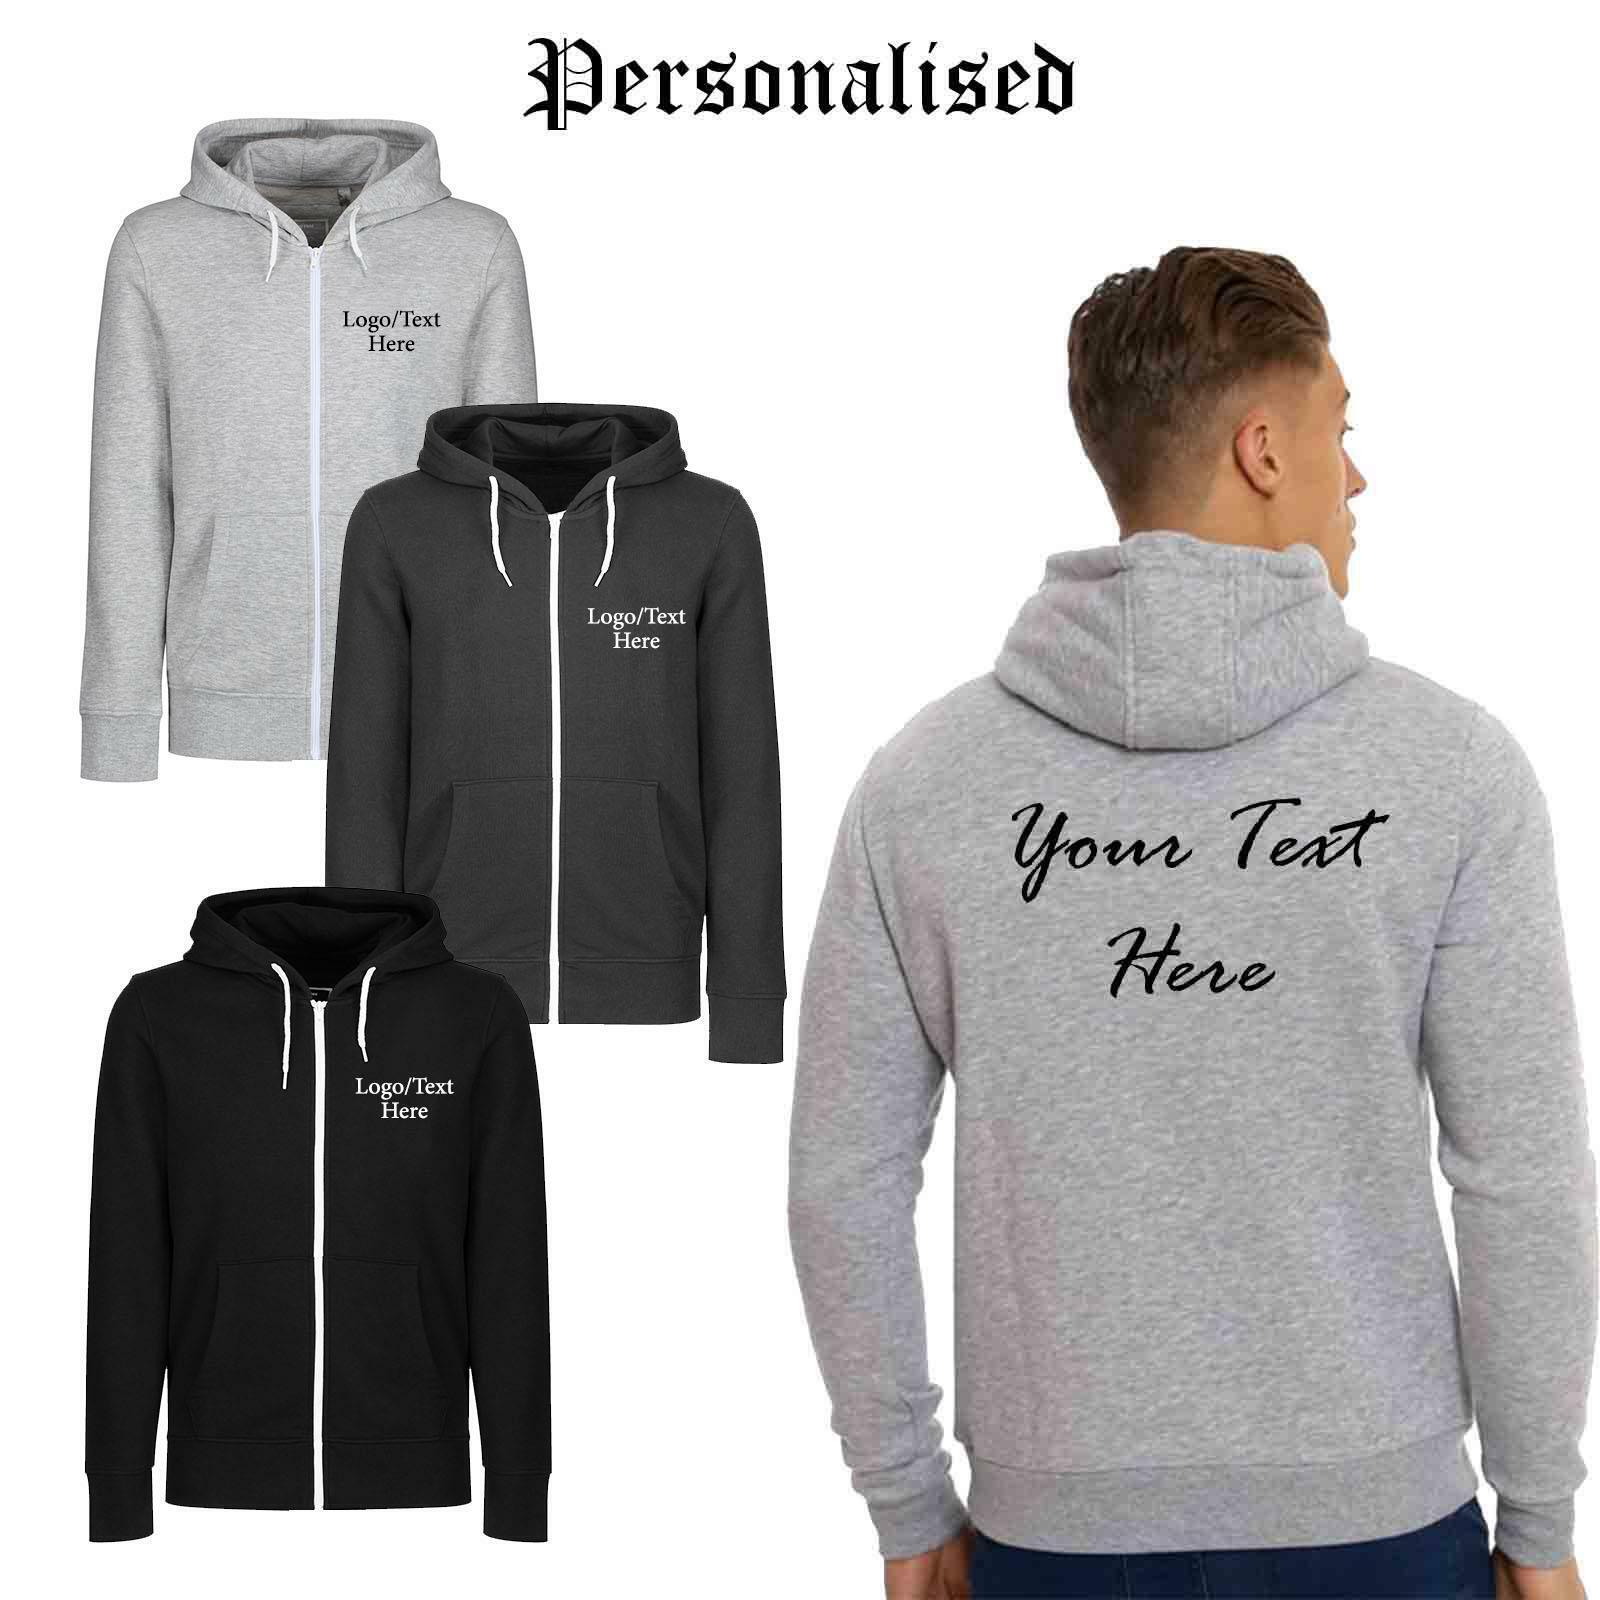 Mens Personalised Zip Up Hoodie Printed Text Jacket Sweatshirt Hooded Top S-XXL